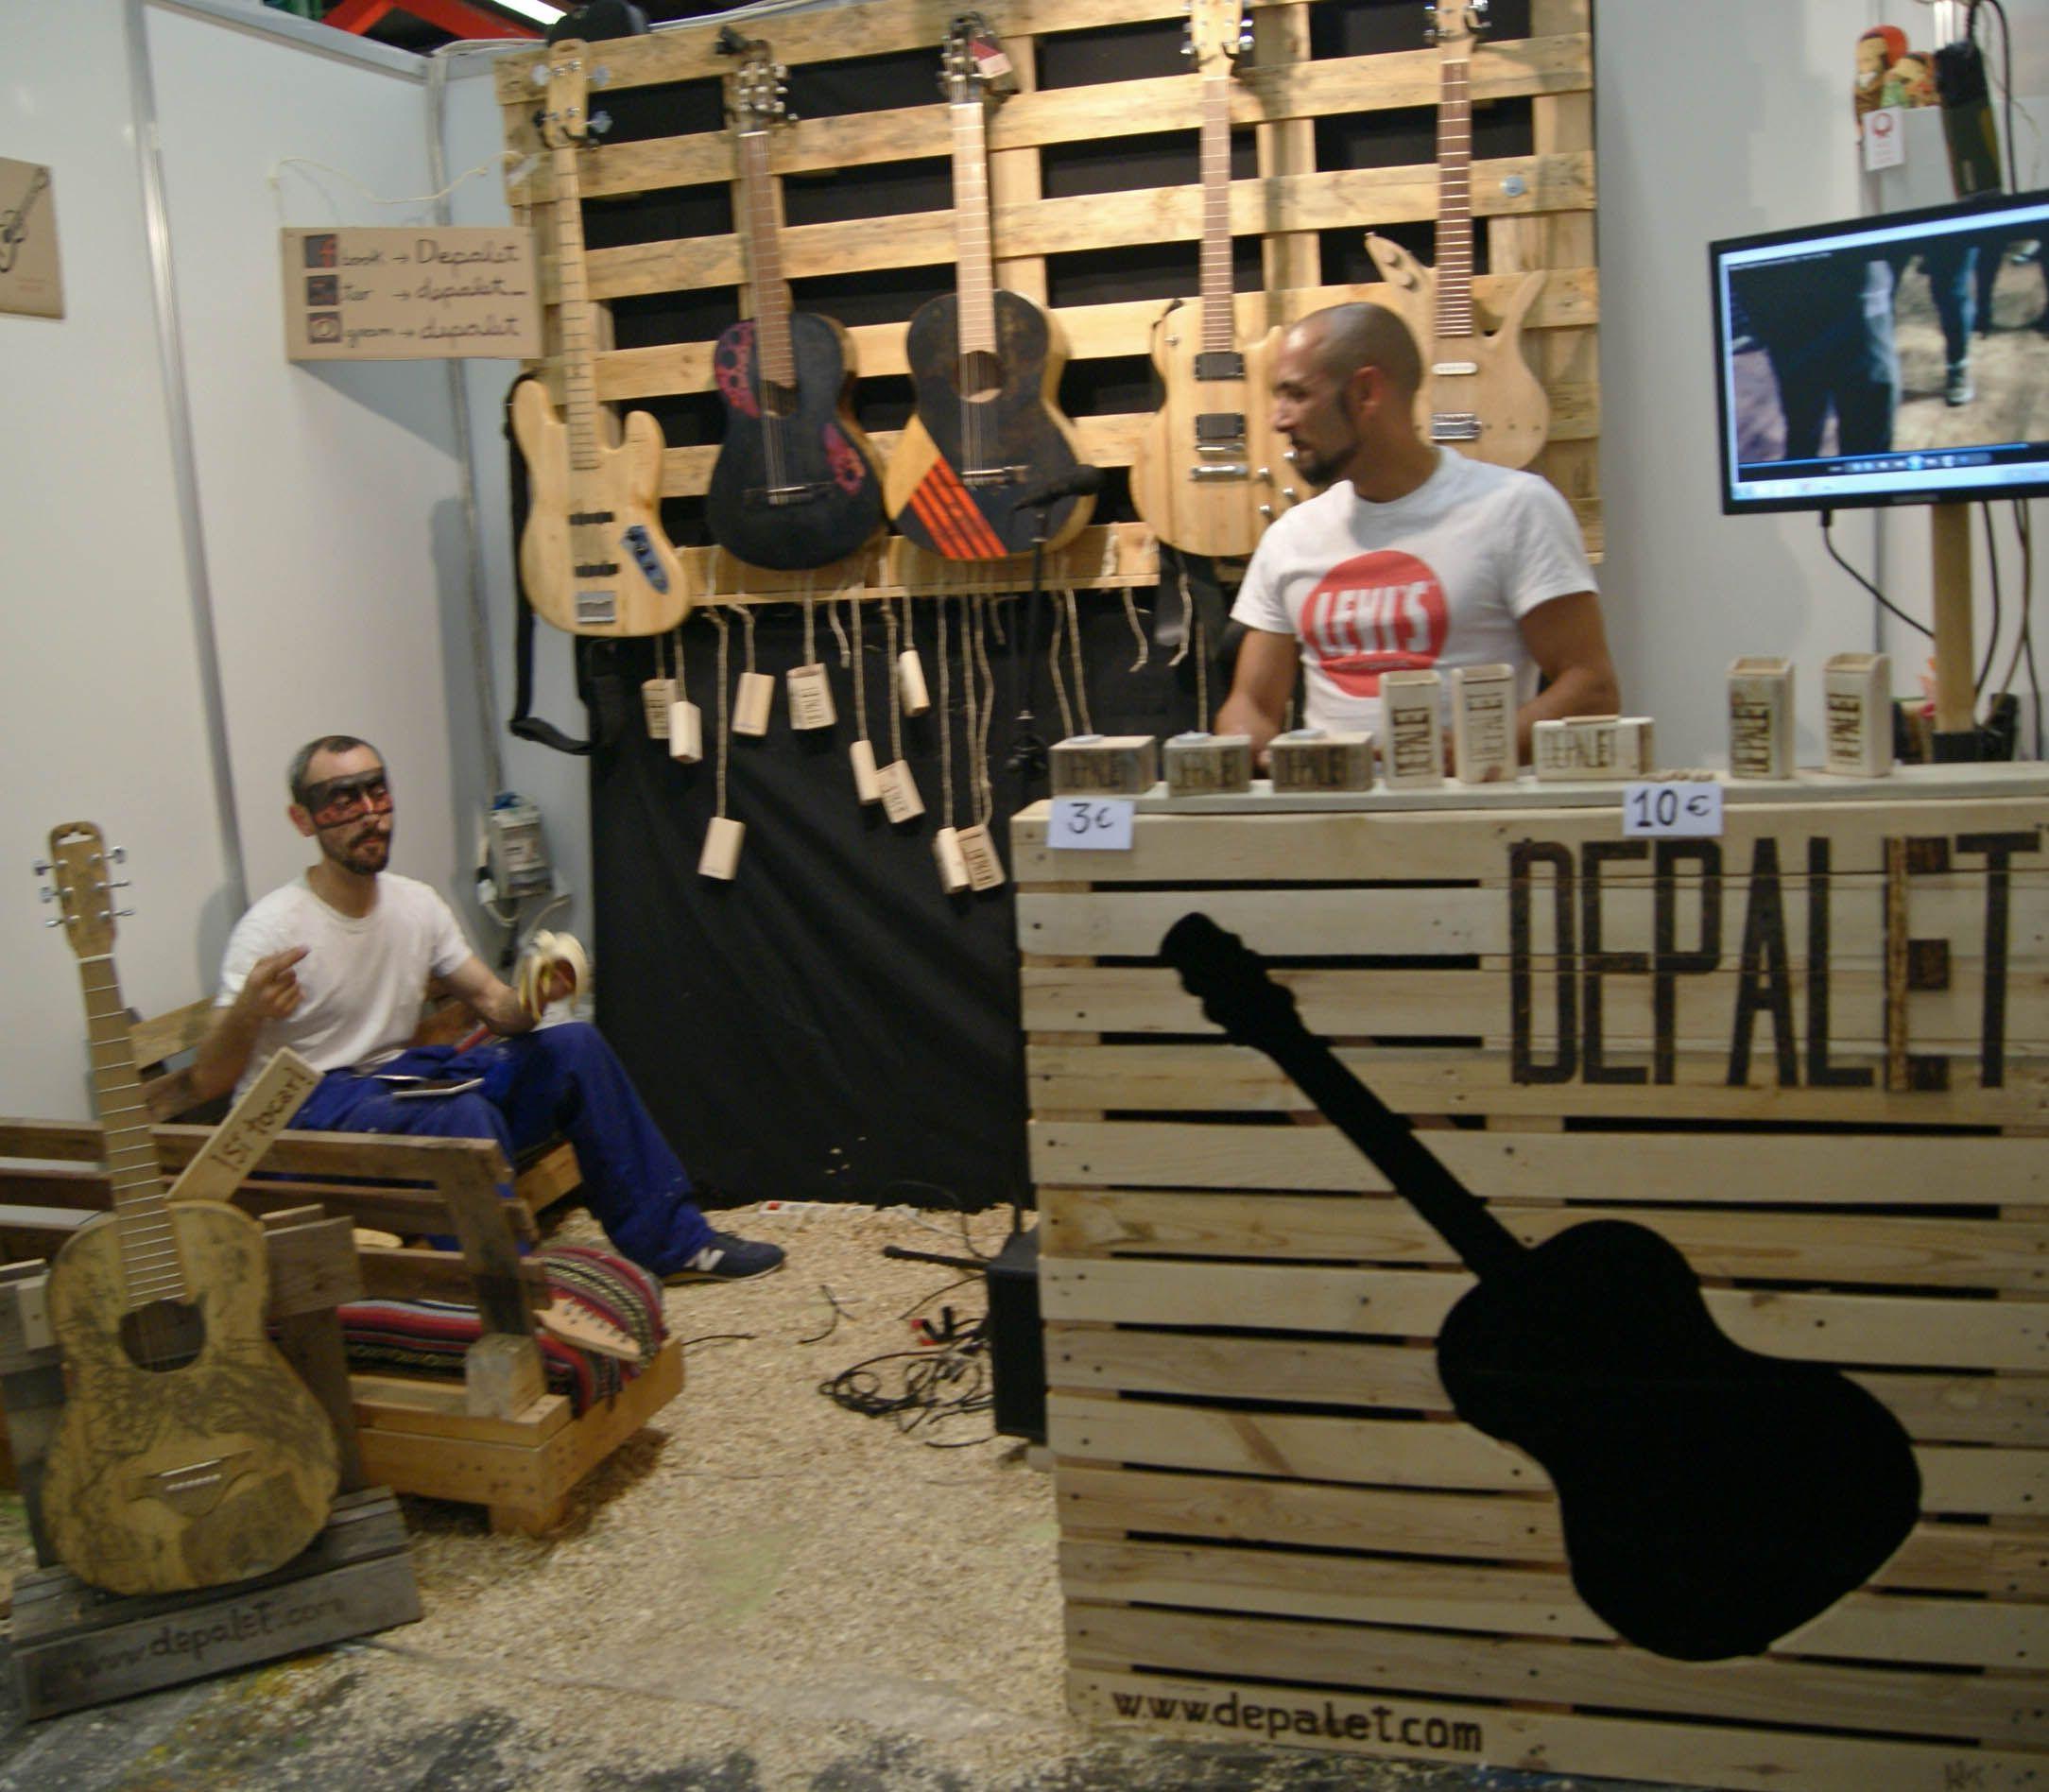 De palet http://www.ifeelmaps.com/blog/2015/05/hecho-con-las-manos-y-el-corazon--handmade-festival-barcelona